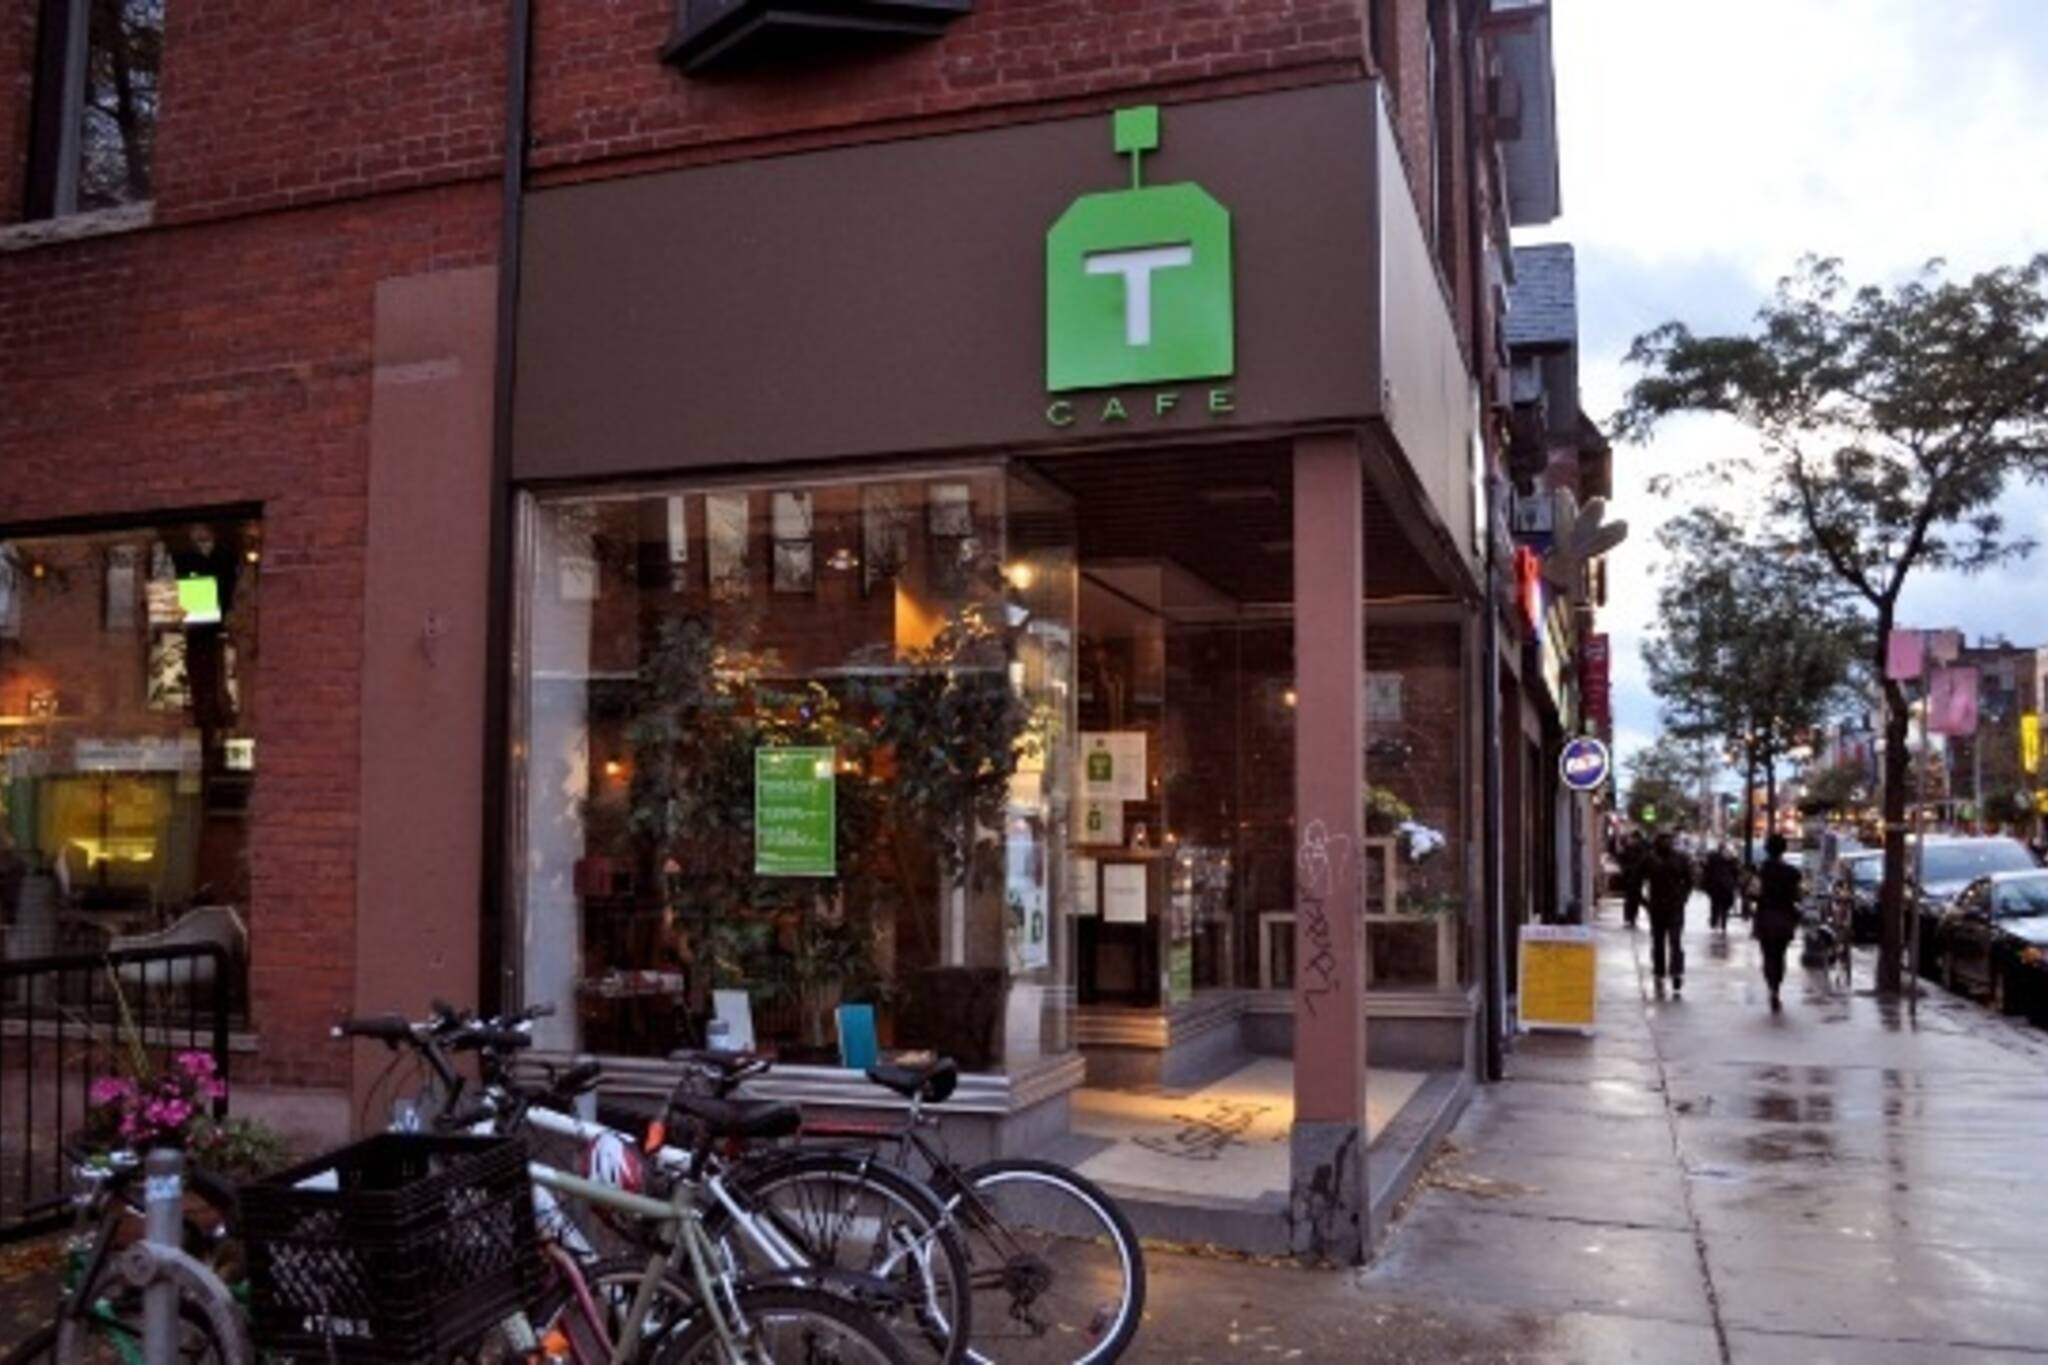 T Cafe Toronto